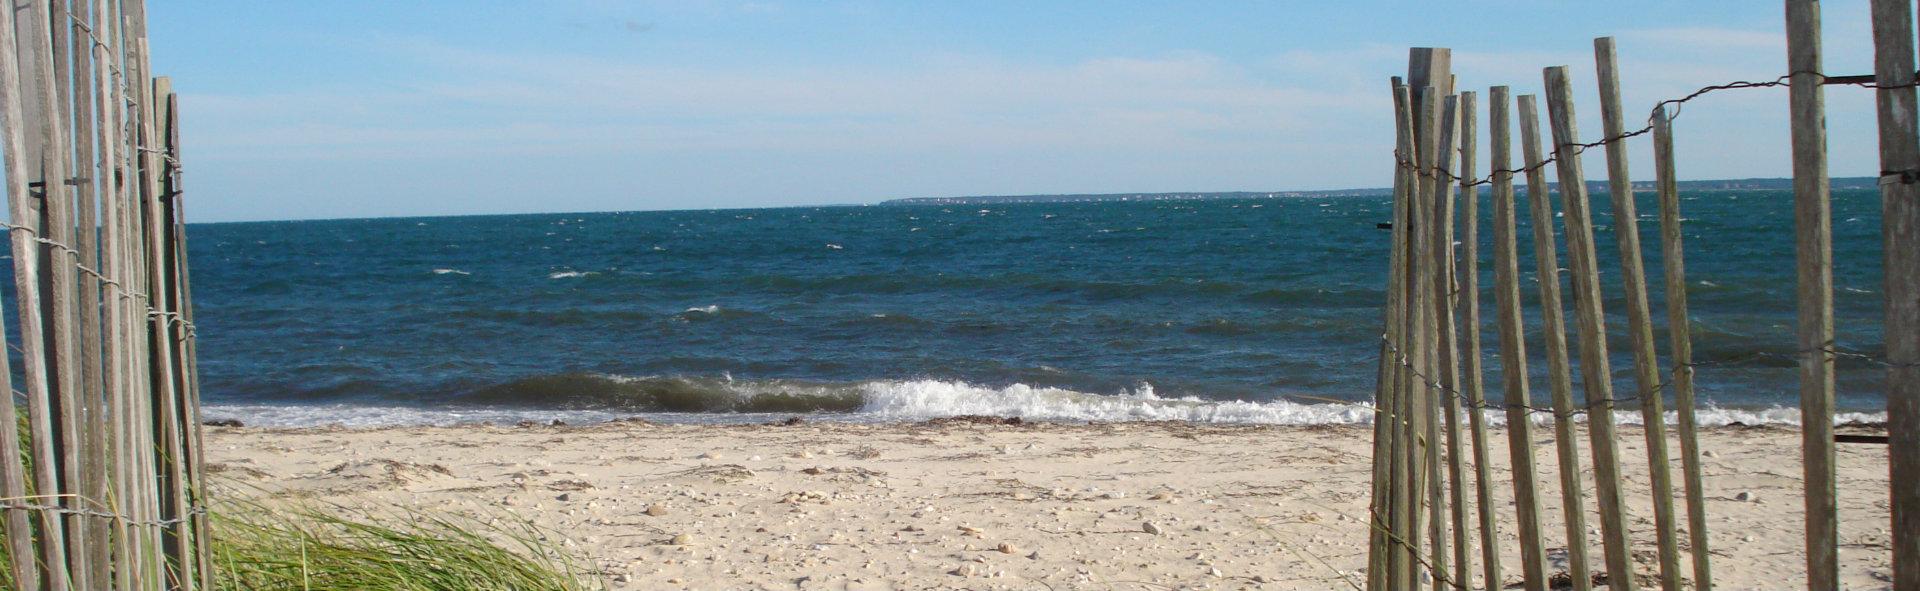 Falmouth-beach-2